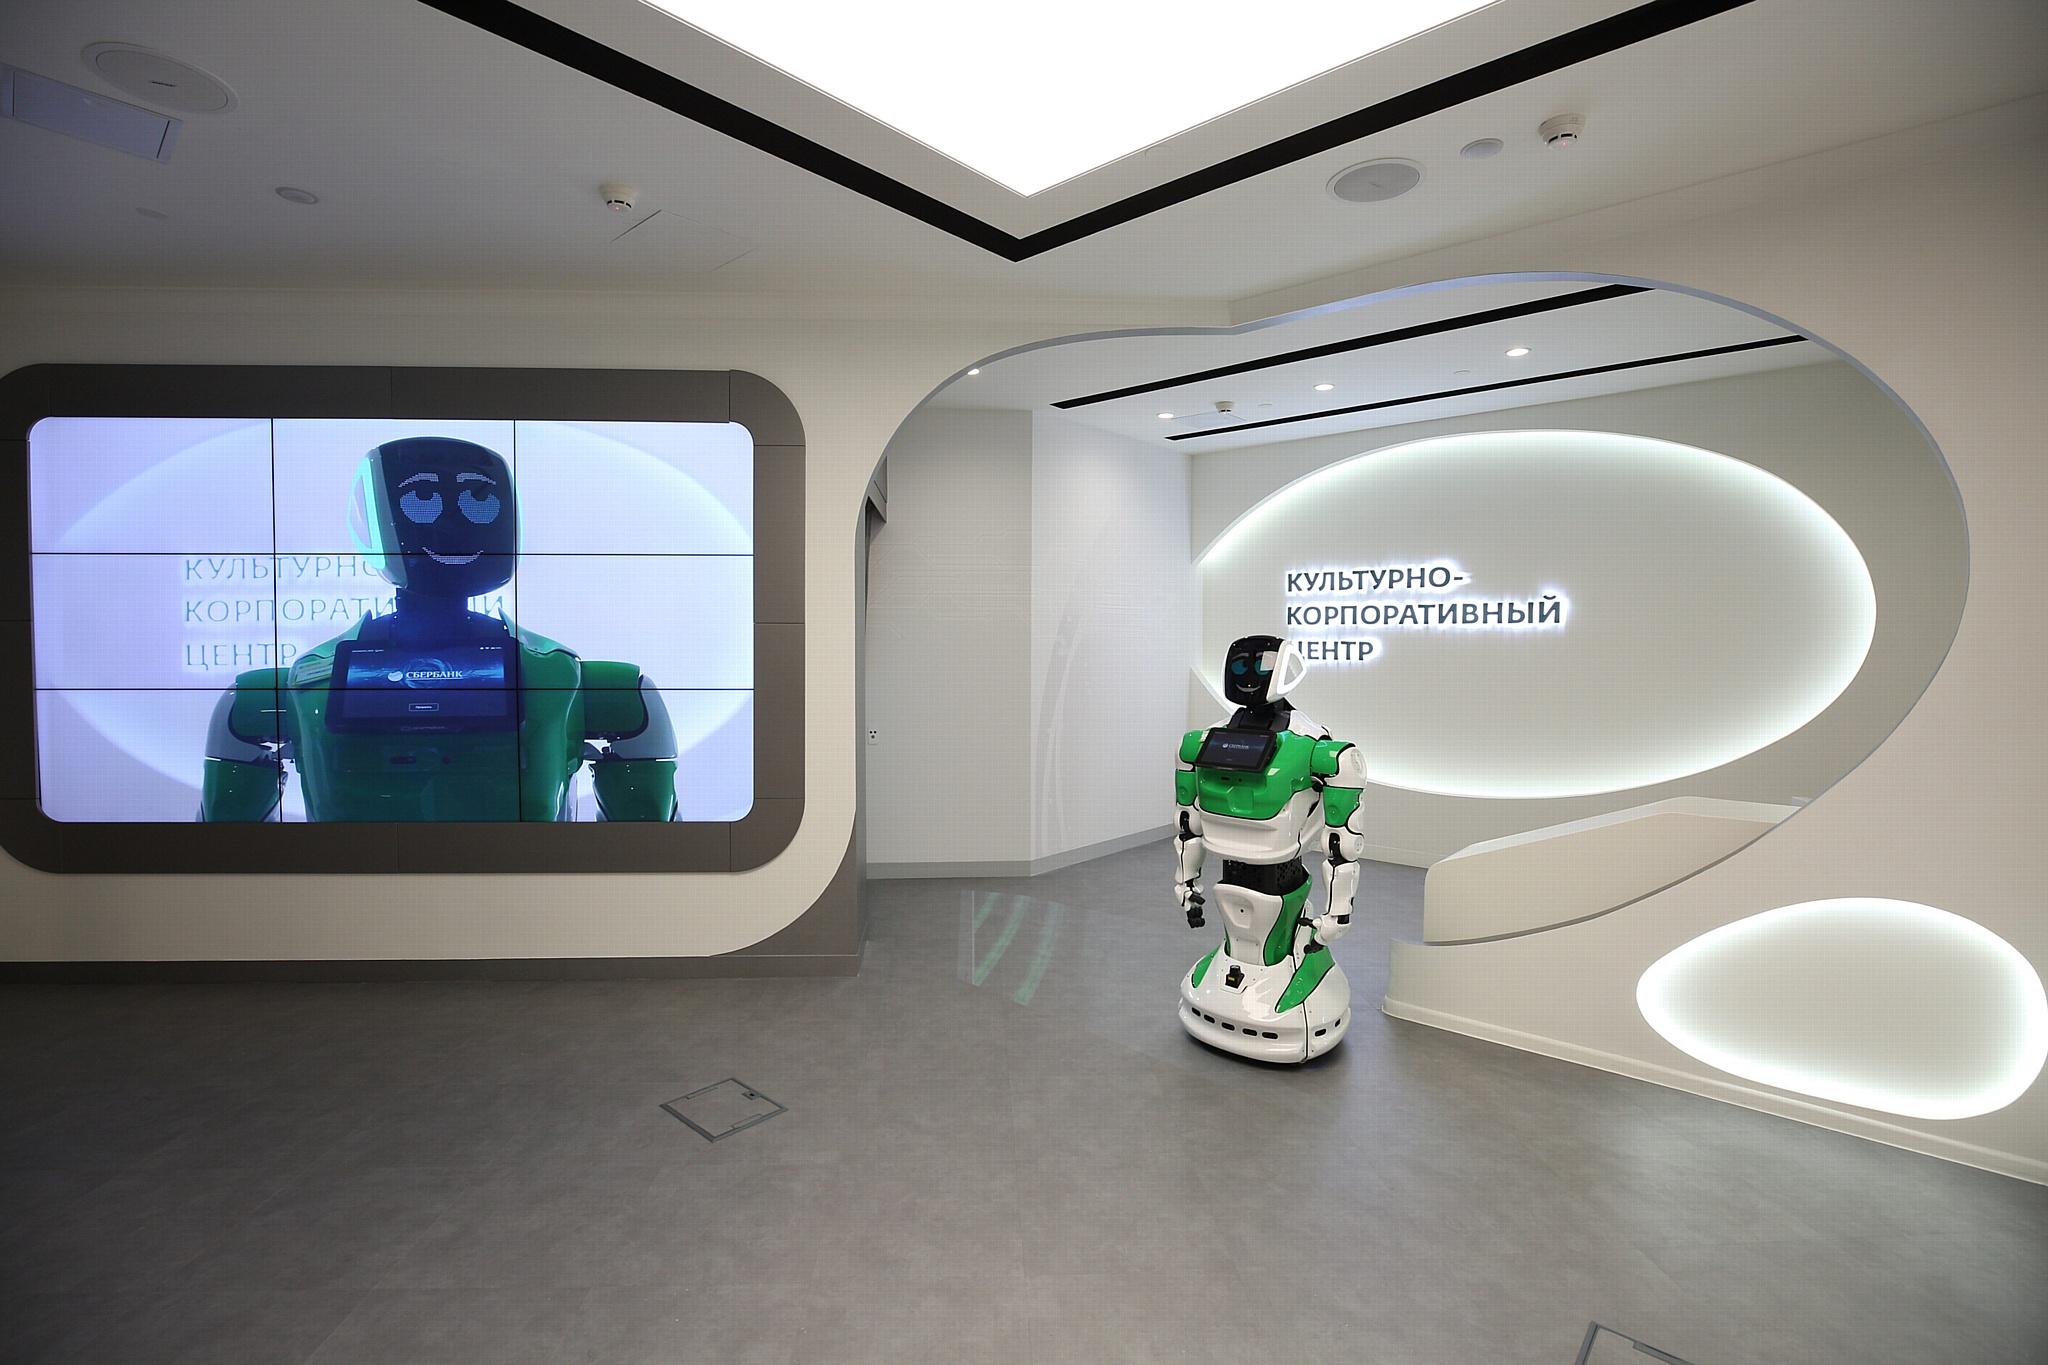 Культурно-корпоративный центр открыт в Московском банке